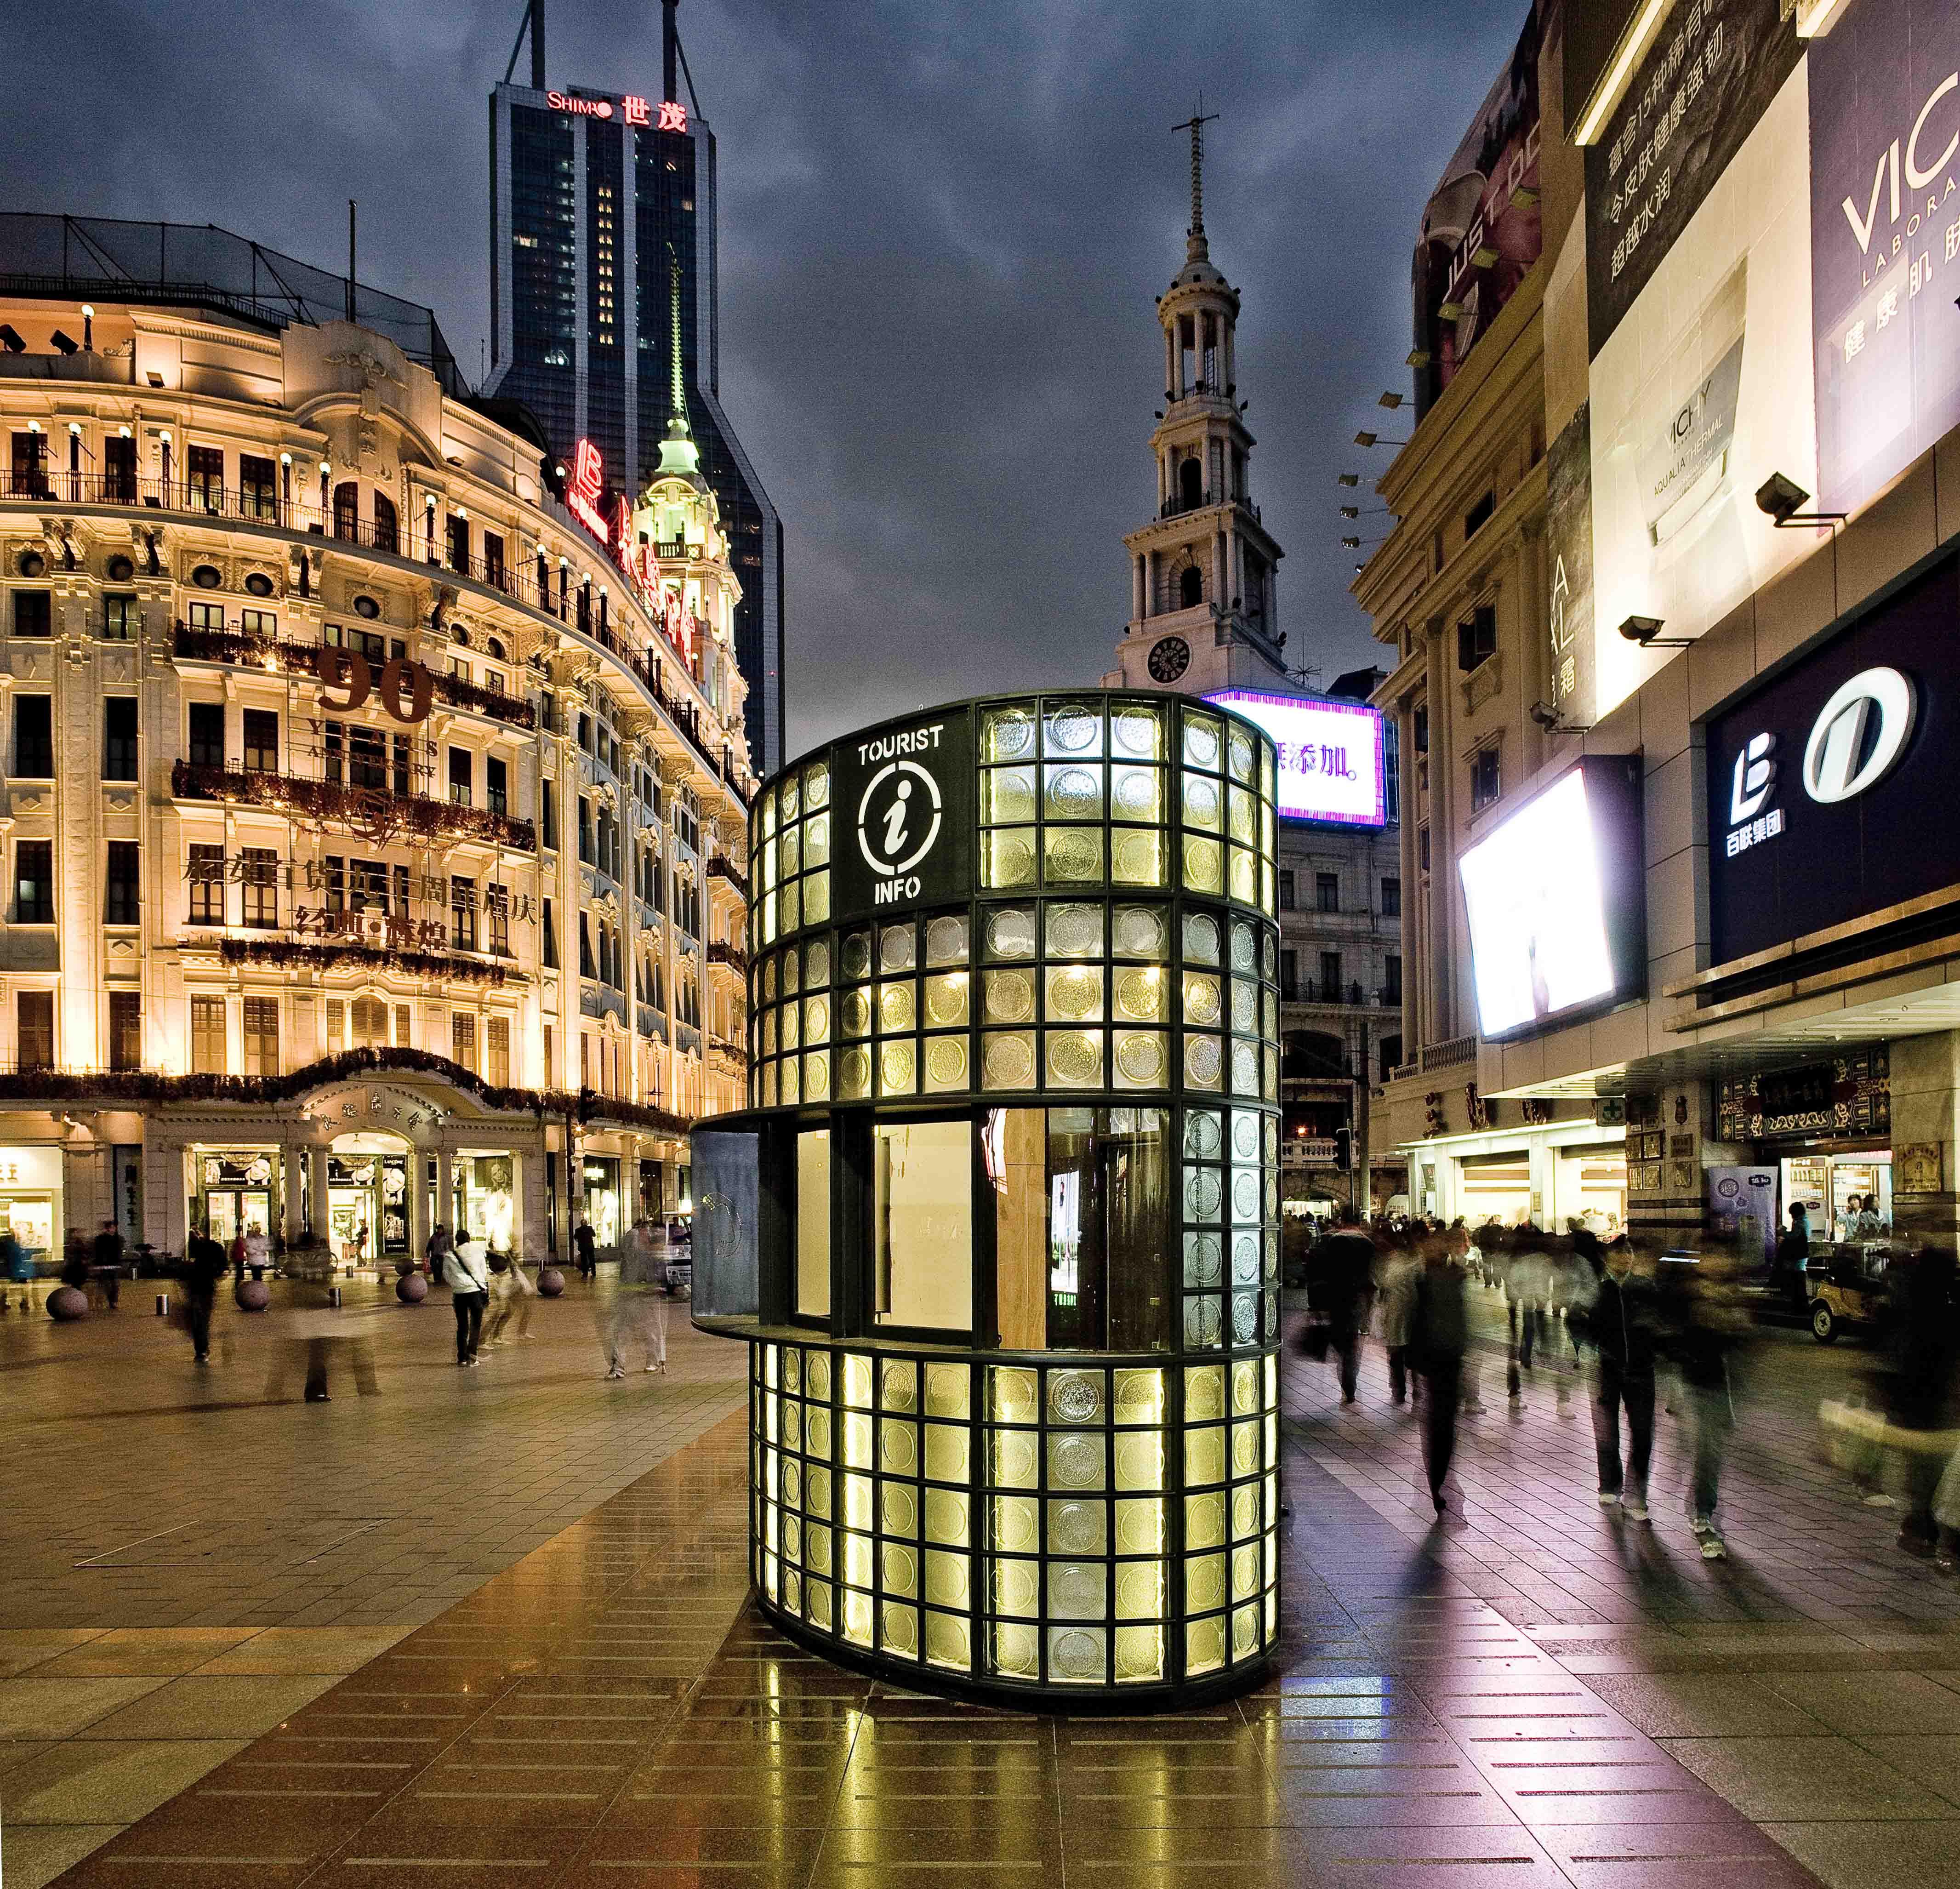 Shanghai Nanjing Rd. Pedestrian Kiosks / by Atelier Liu Yuyang Architects